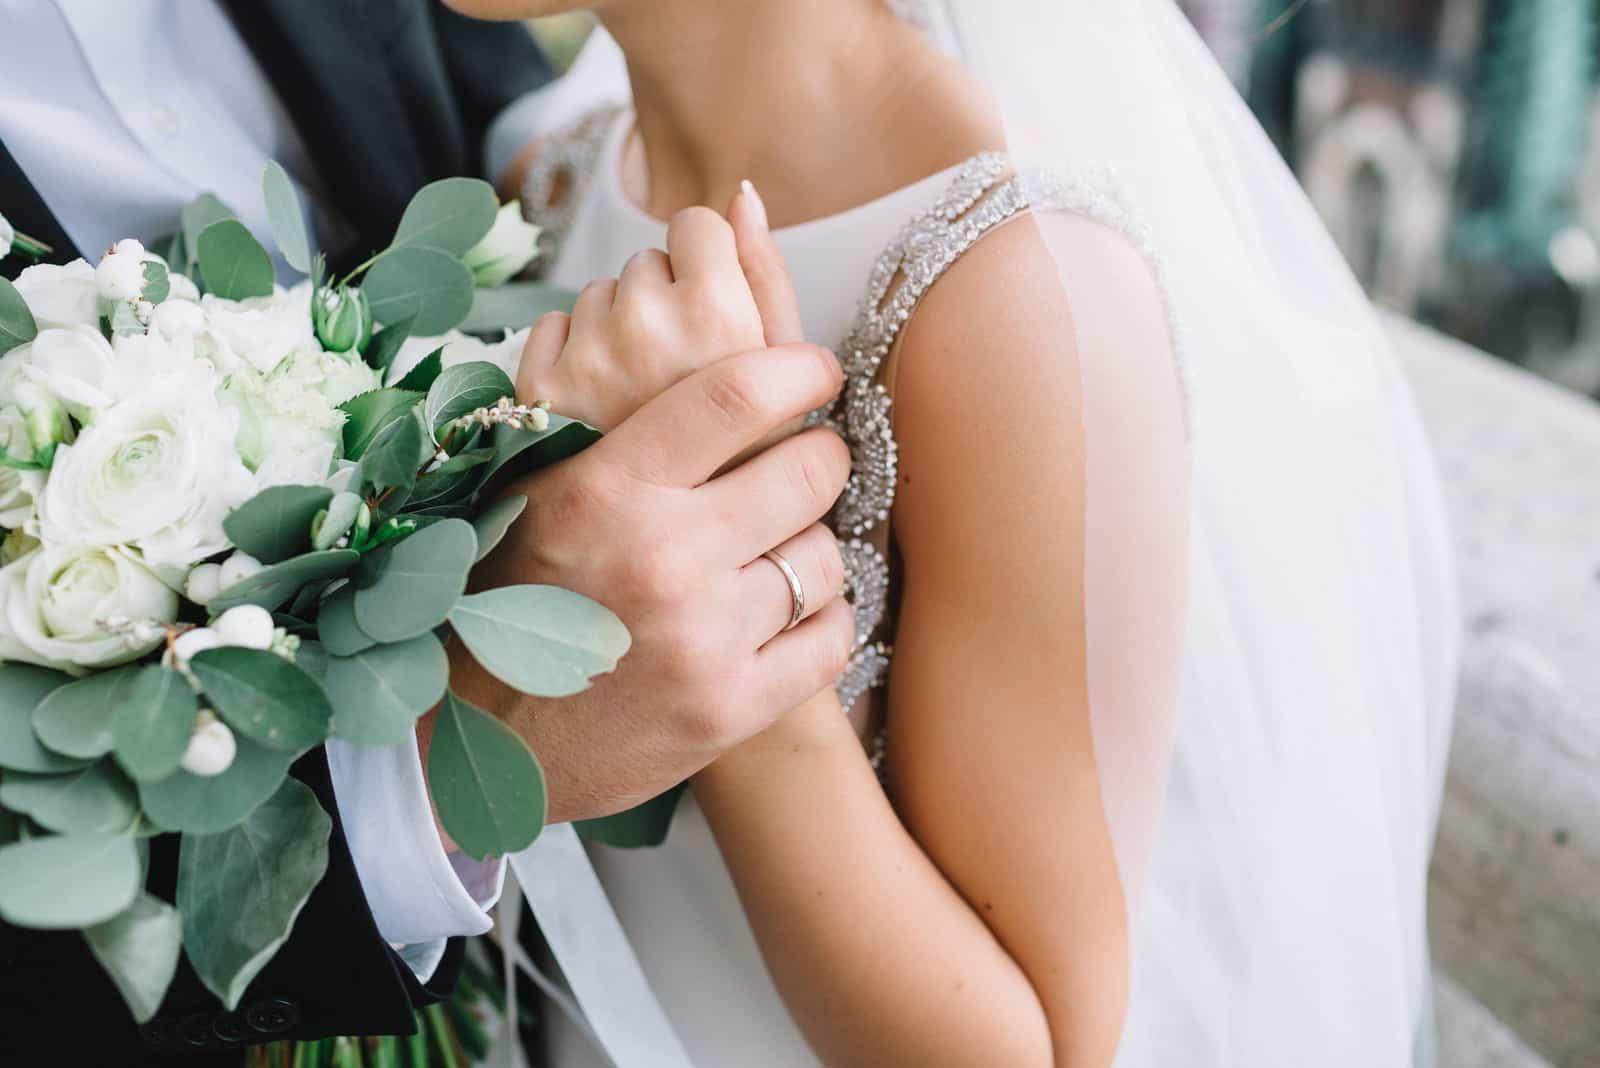 Nahaufnahme der Hand des Bräutigams, die den Willen der Braut hält